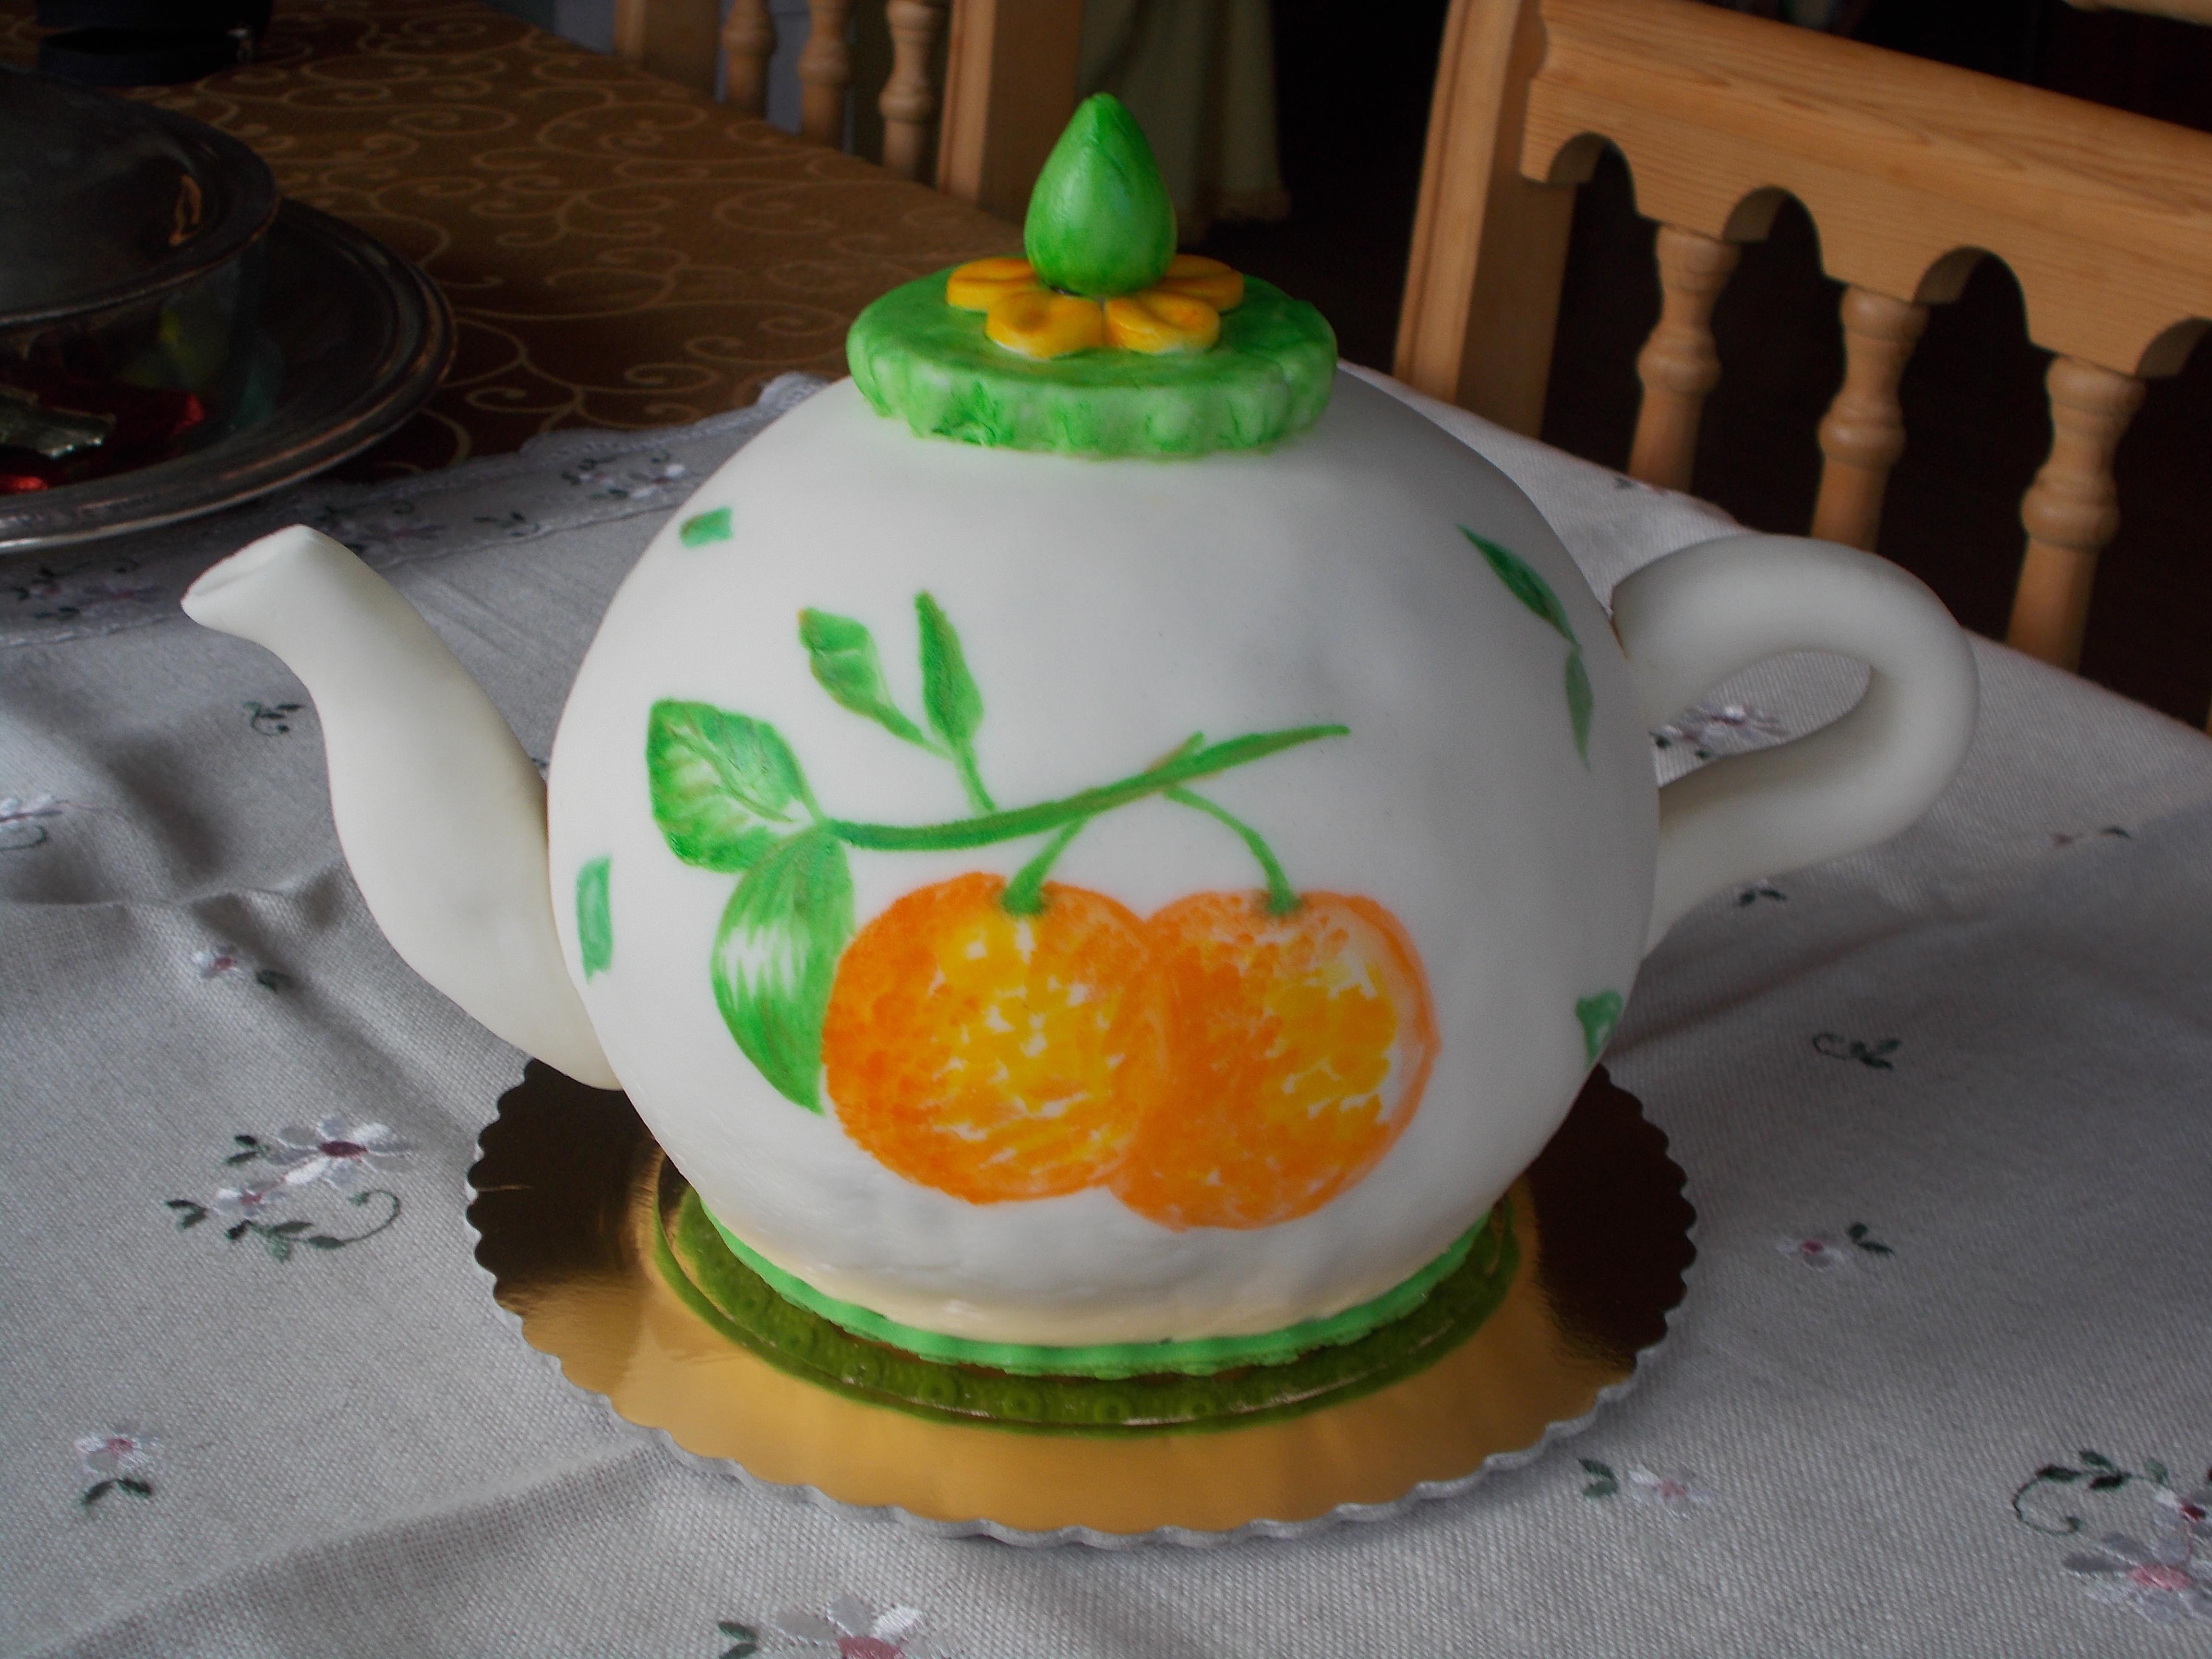 Tortestorte cakes per fornodipendenti e maniaci delle torte